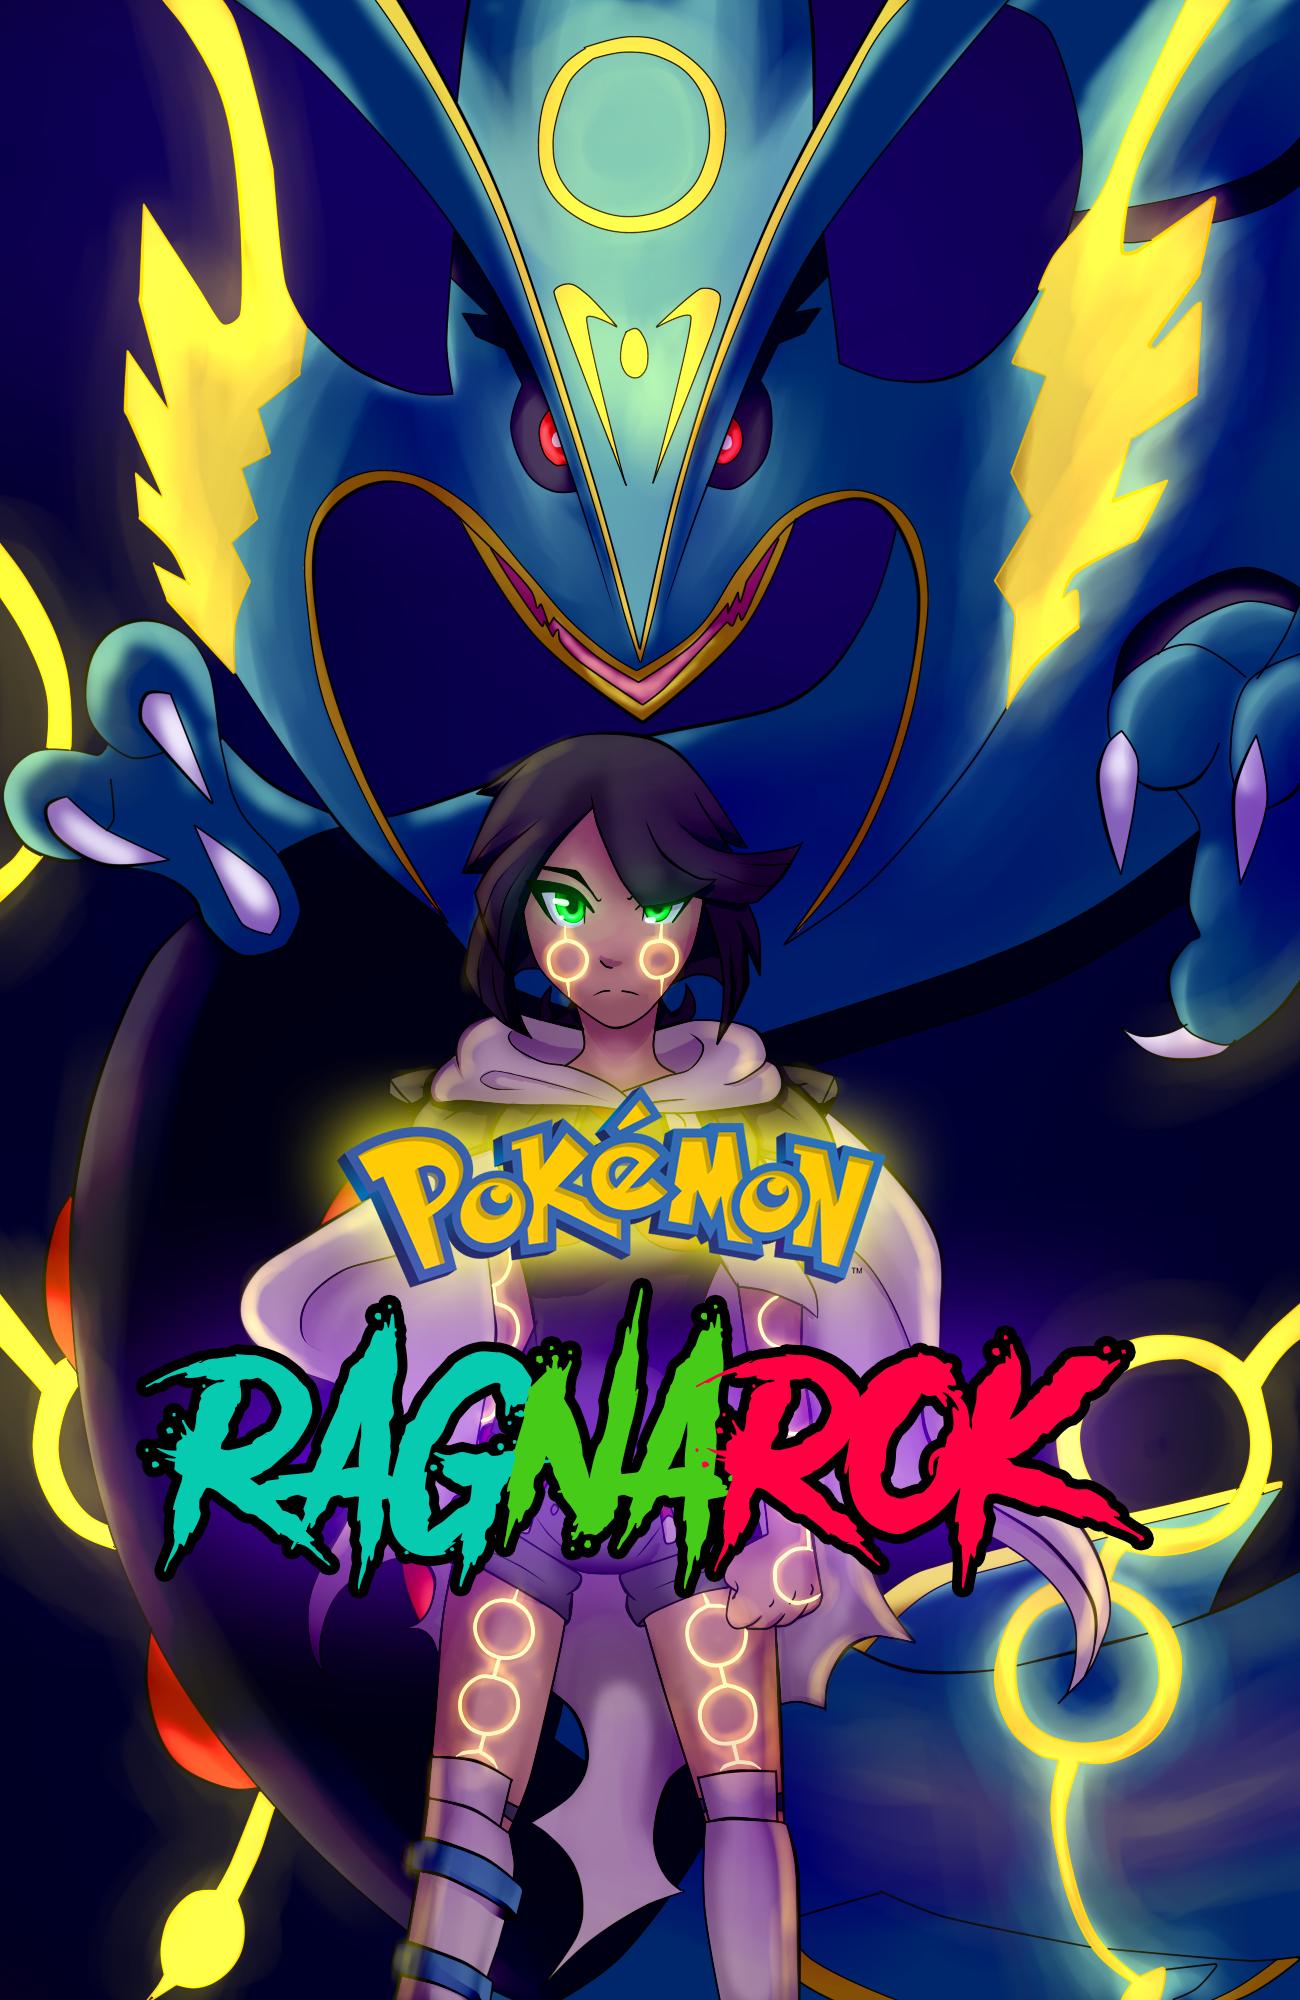 [Imagen: Pokemon_Ragnarok.png]